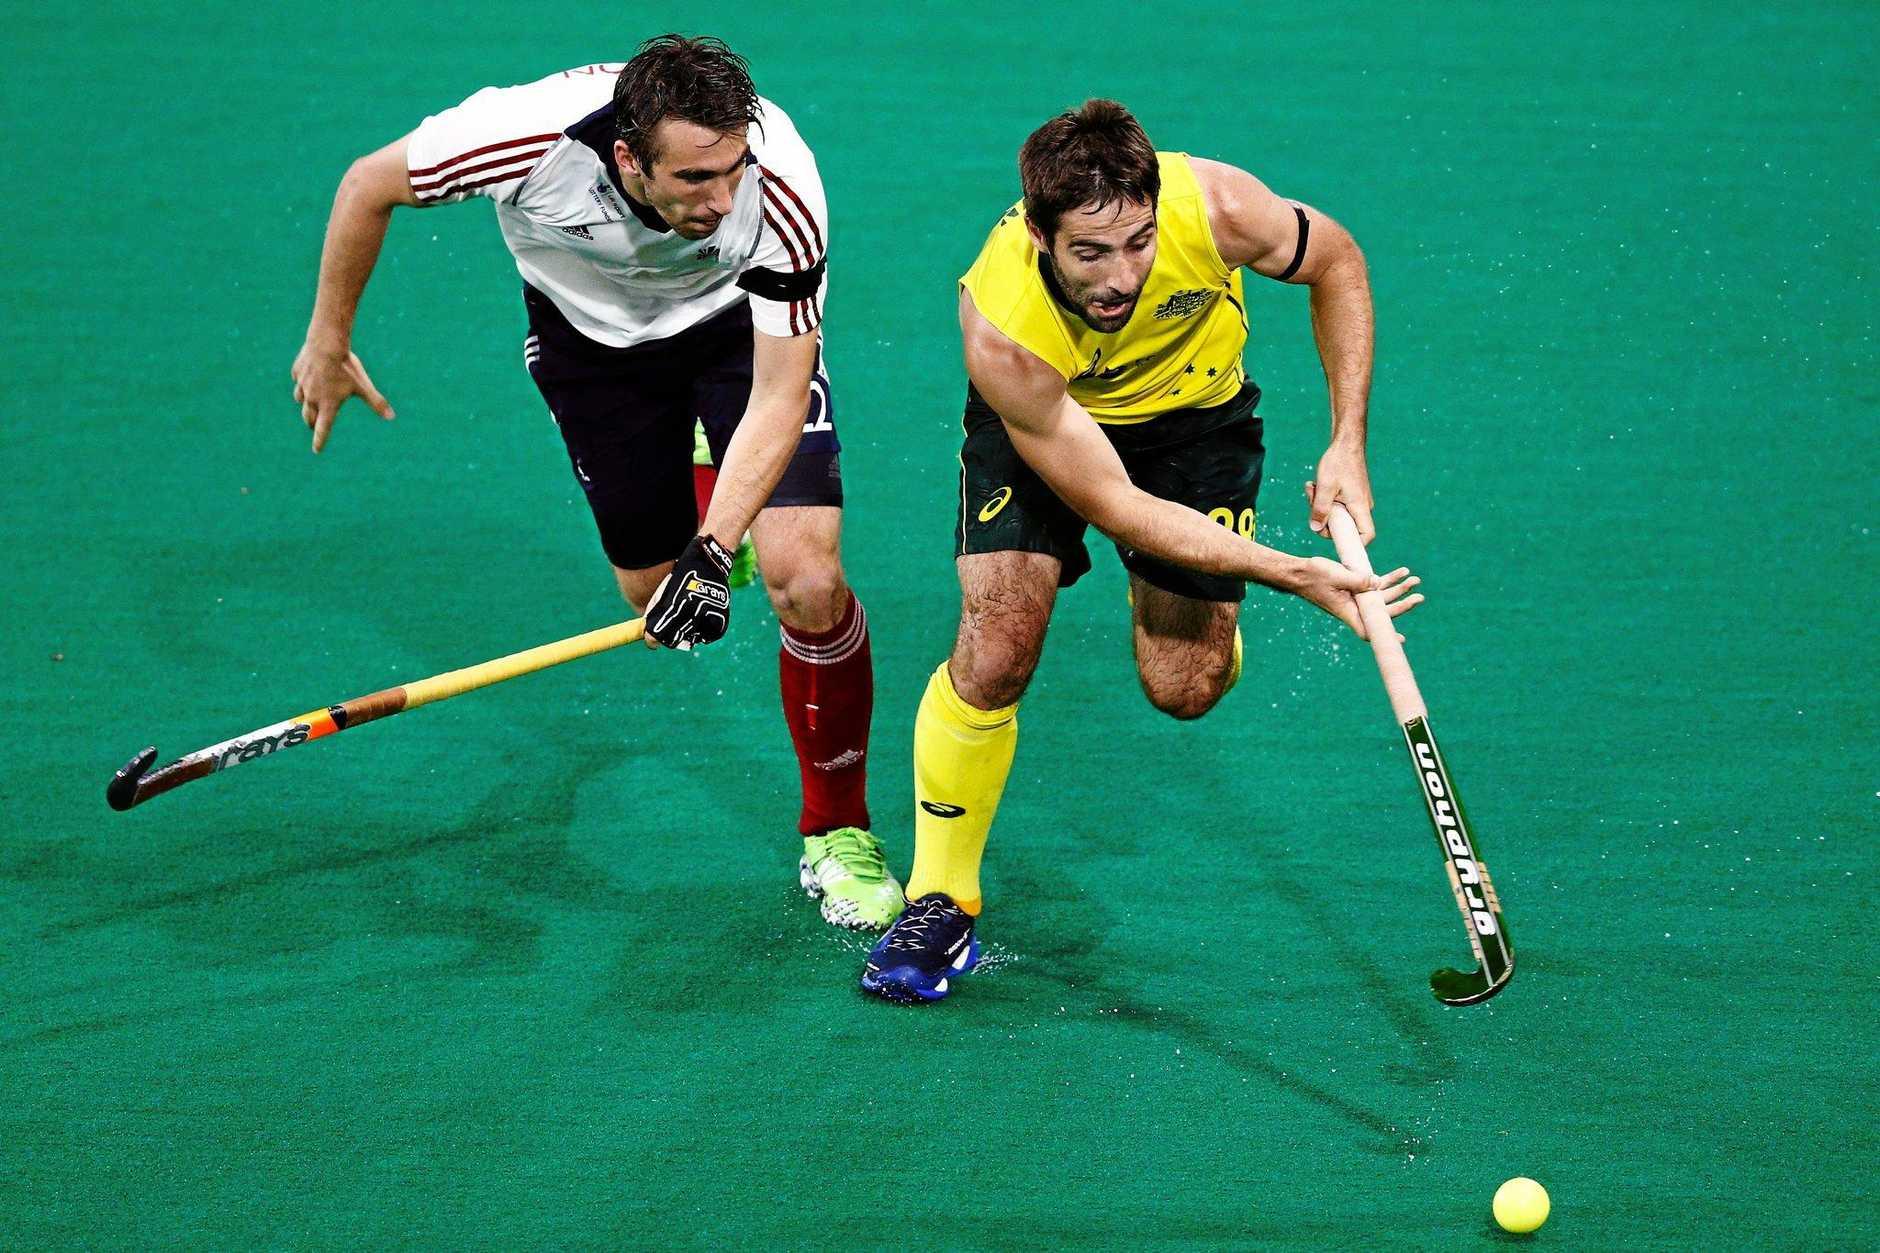 Kiel Brown in action for Australia.